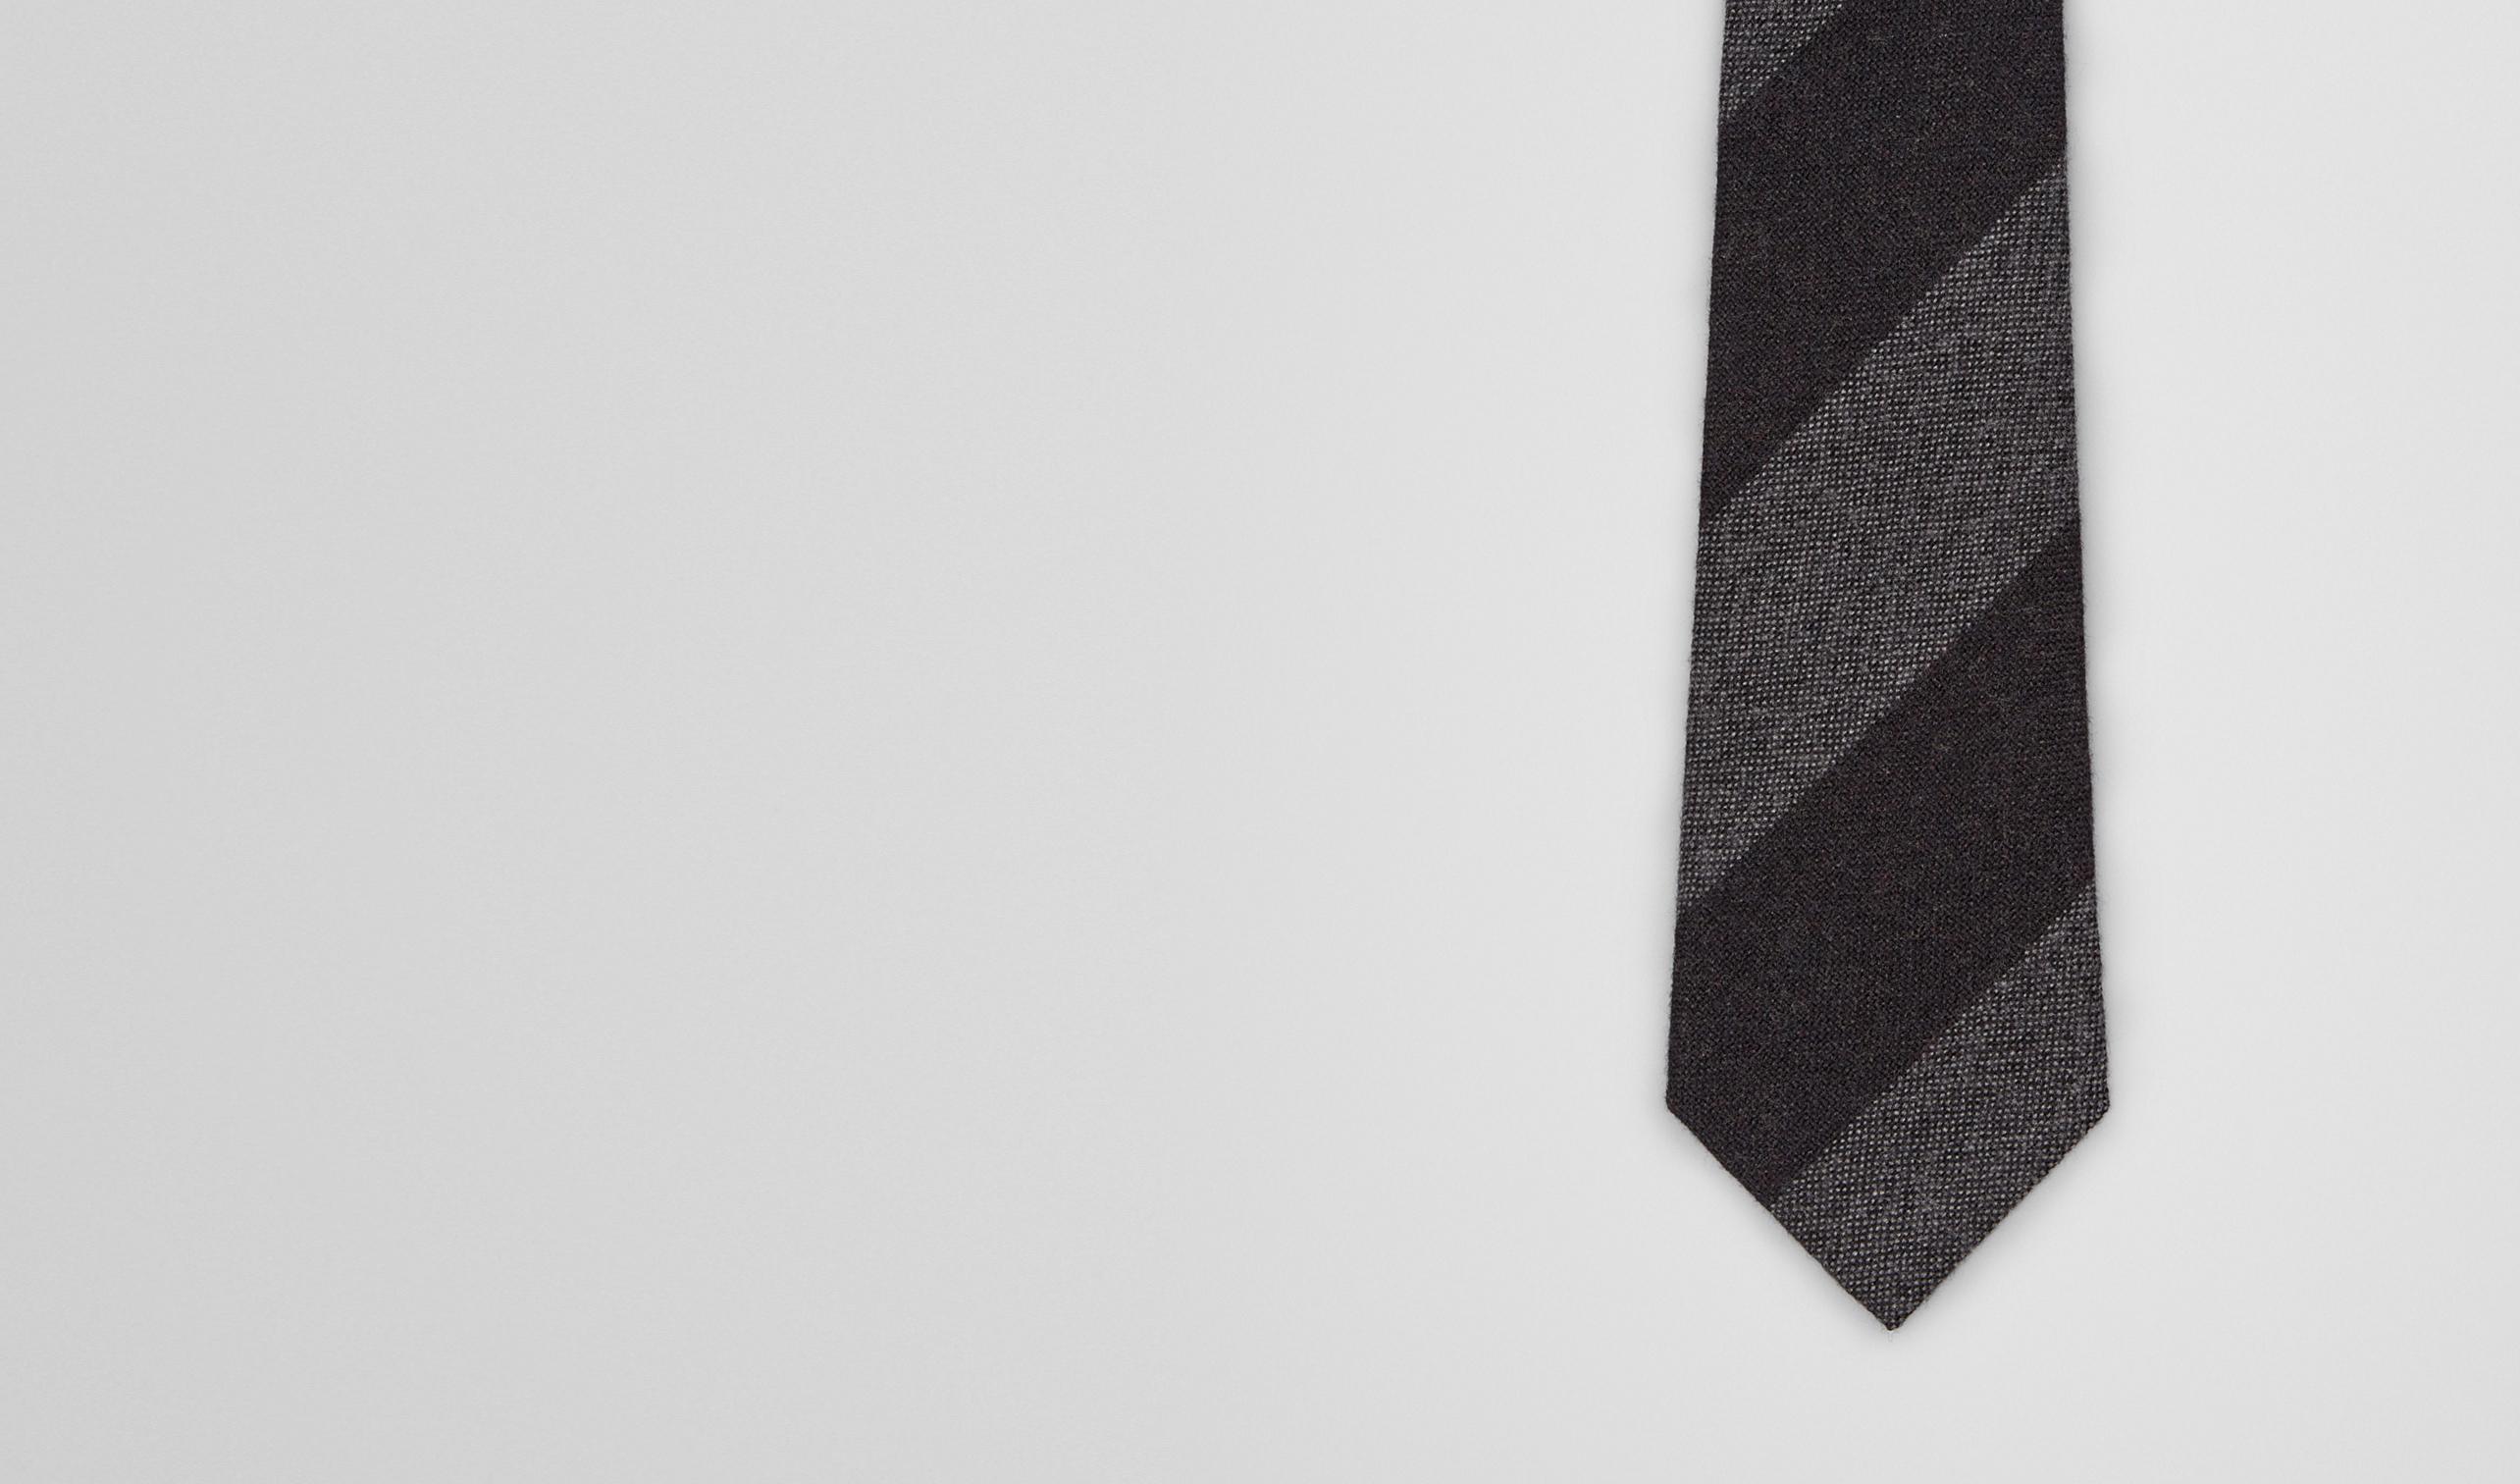 茄紫色搭配中性灰羊毛真丝混纺领带